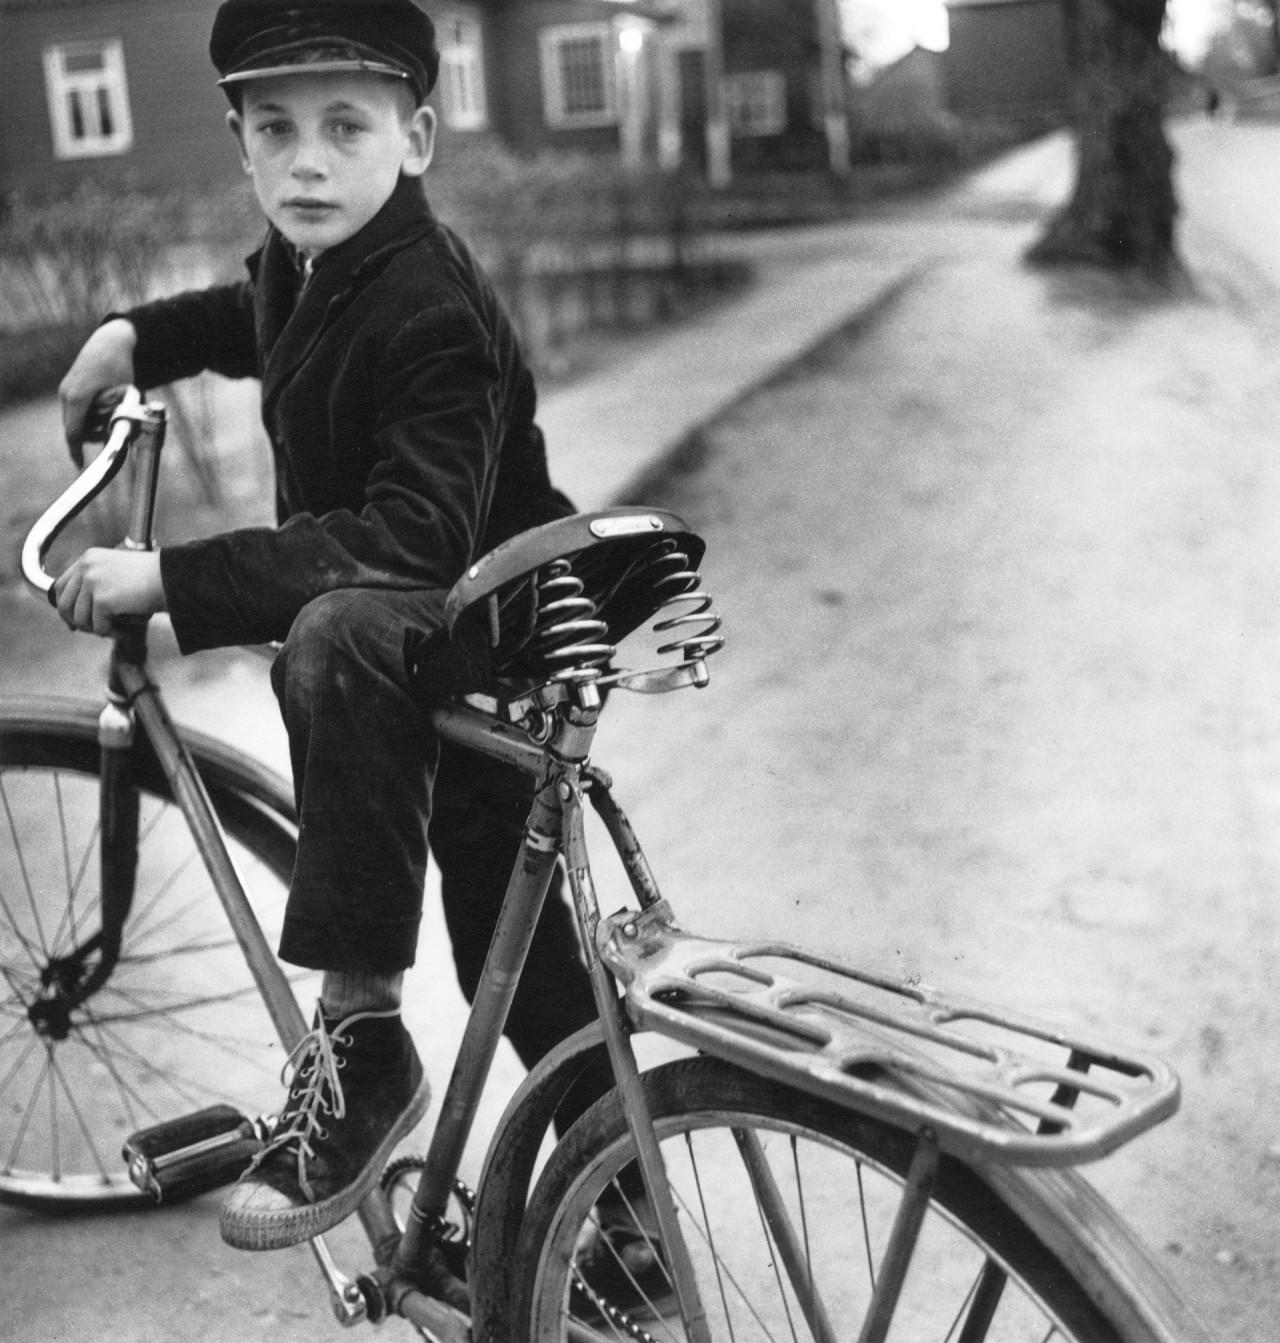 Отцовский велосипед, 1969. Фотограф Антанас Суткус